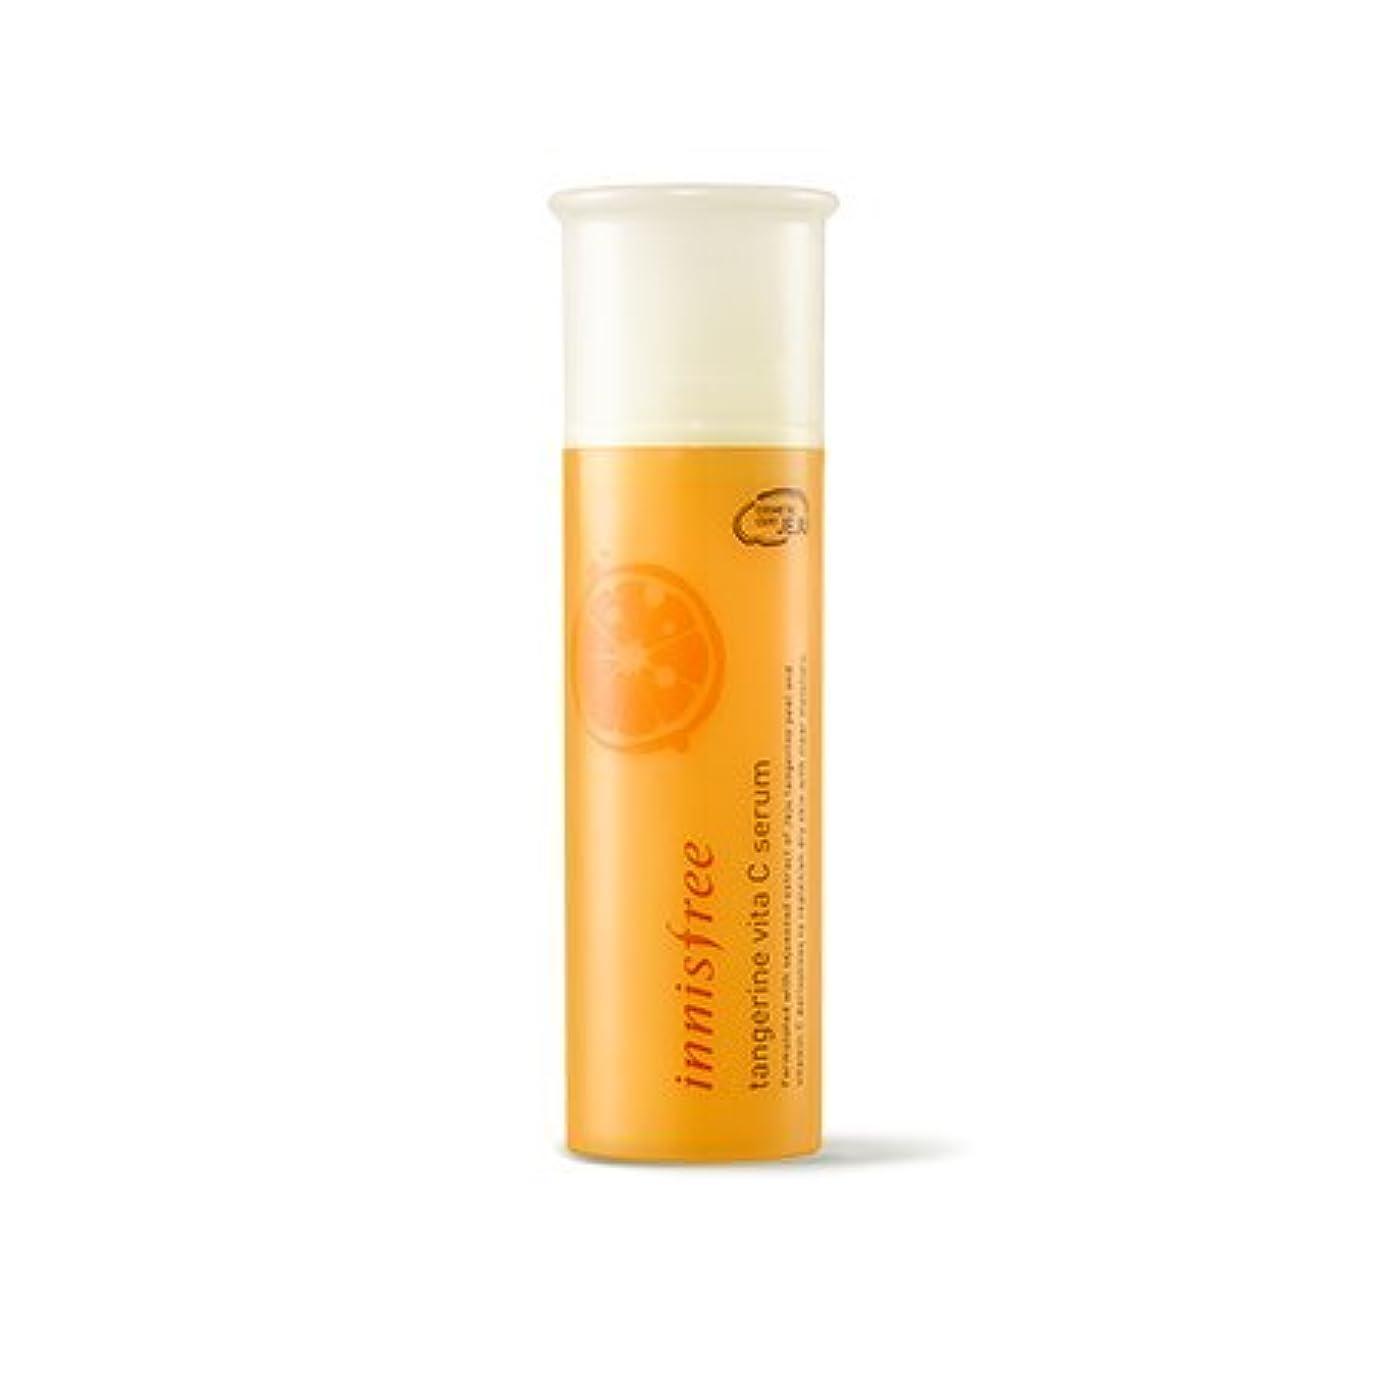 メナジェリー遅滞確かめる[New] innisfree Tangerine Vita C Serum 50ml/イニスフリー タンジェリン ビタ C セラム 50ml [並行輸入品]